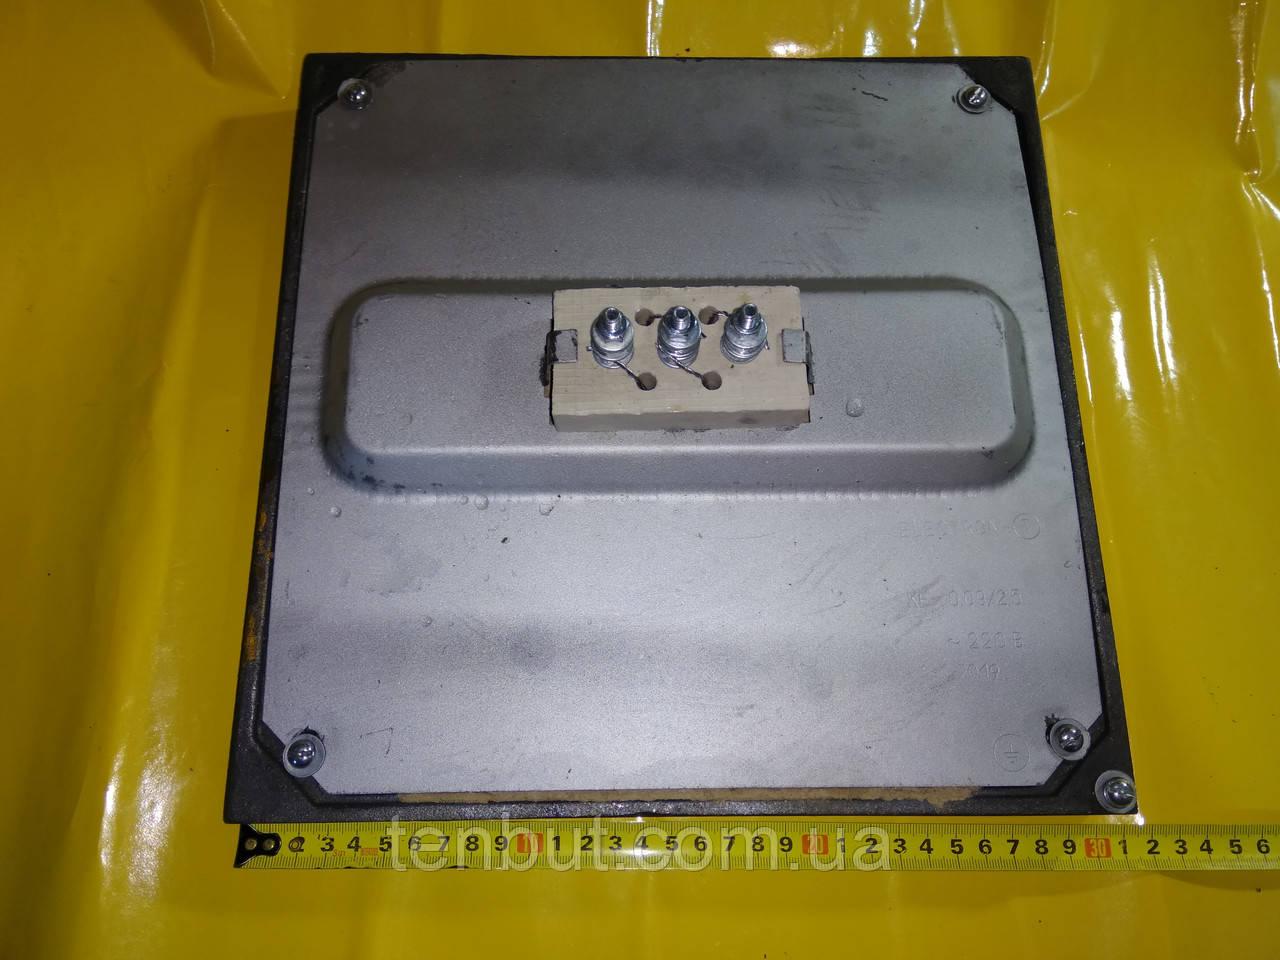 Тэн мармит комфорка КЭ-0.09 / 2.5 кВт. / 300х300 мм. для промышленных элетроплит производство Украина